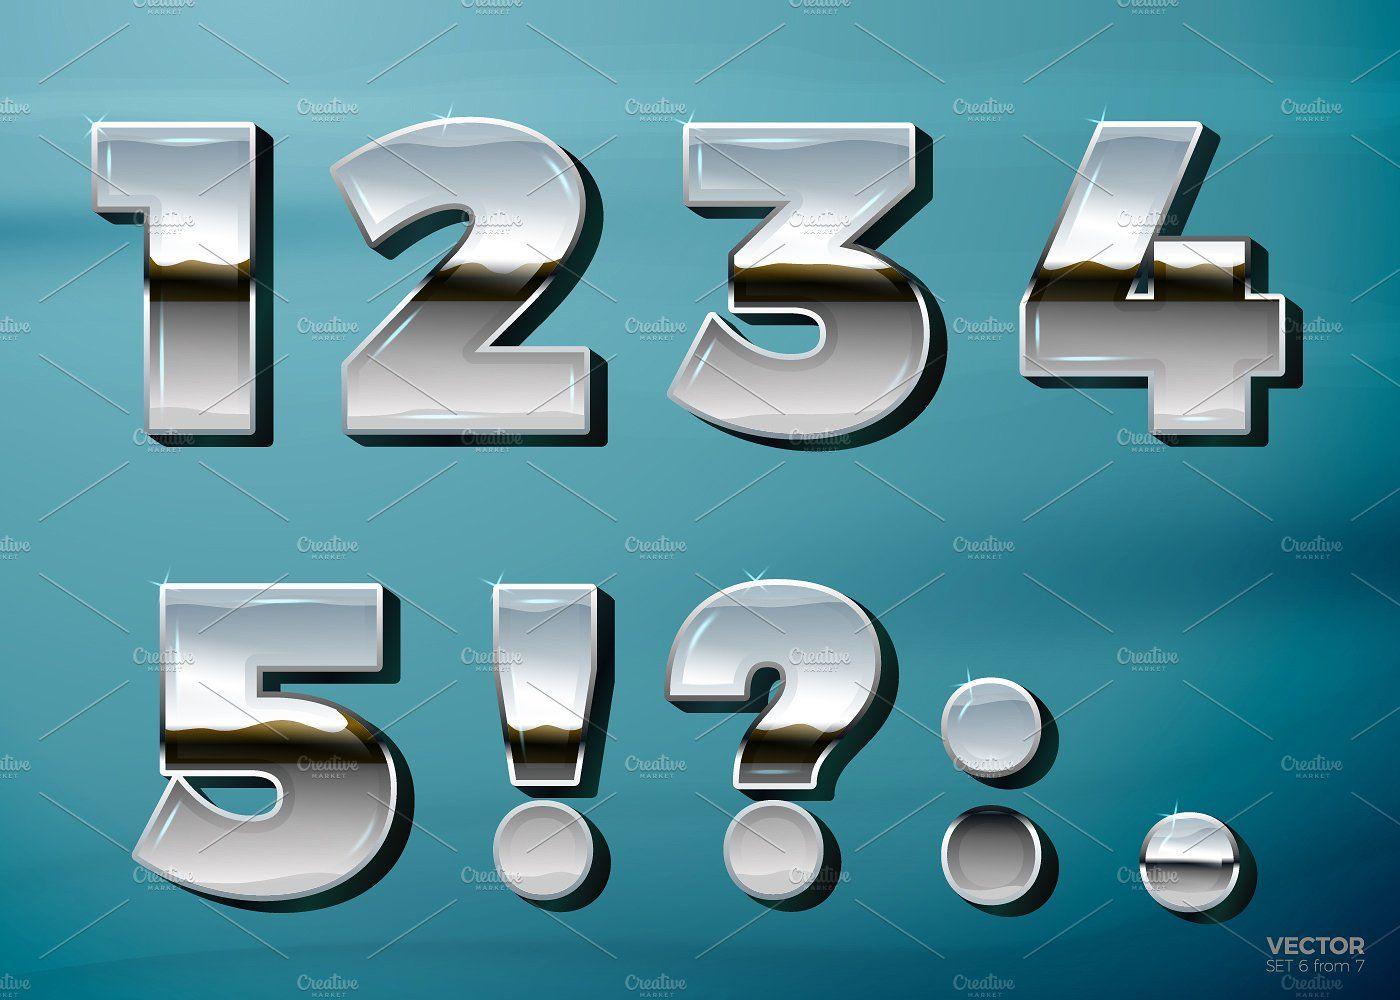 754e1dd50e452b42d86378c57d4532ff